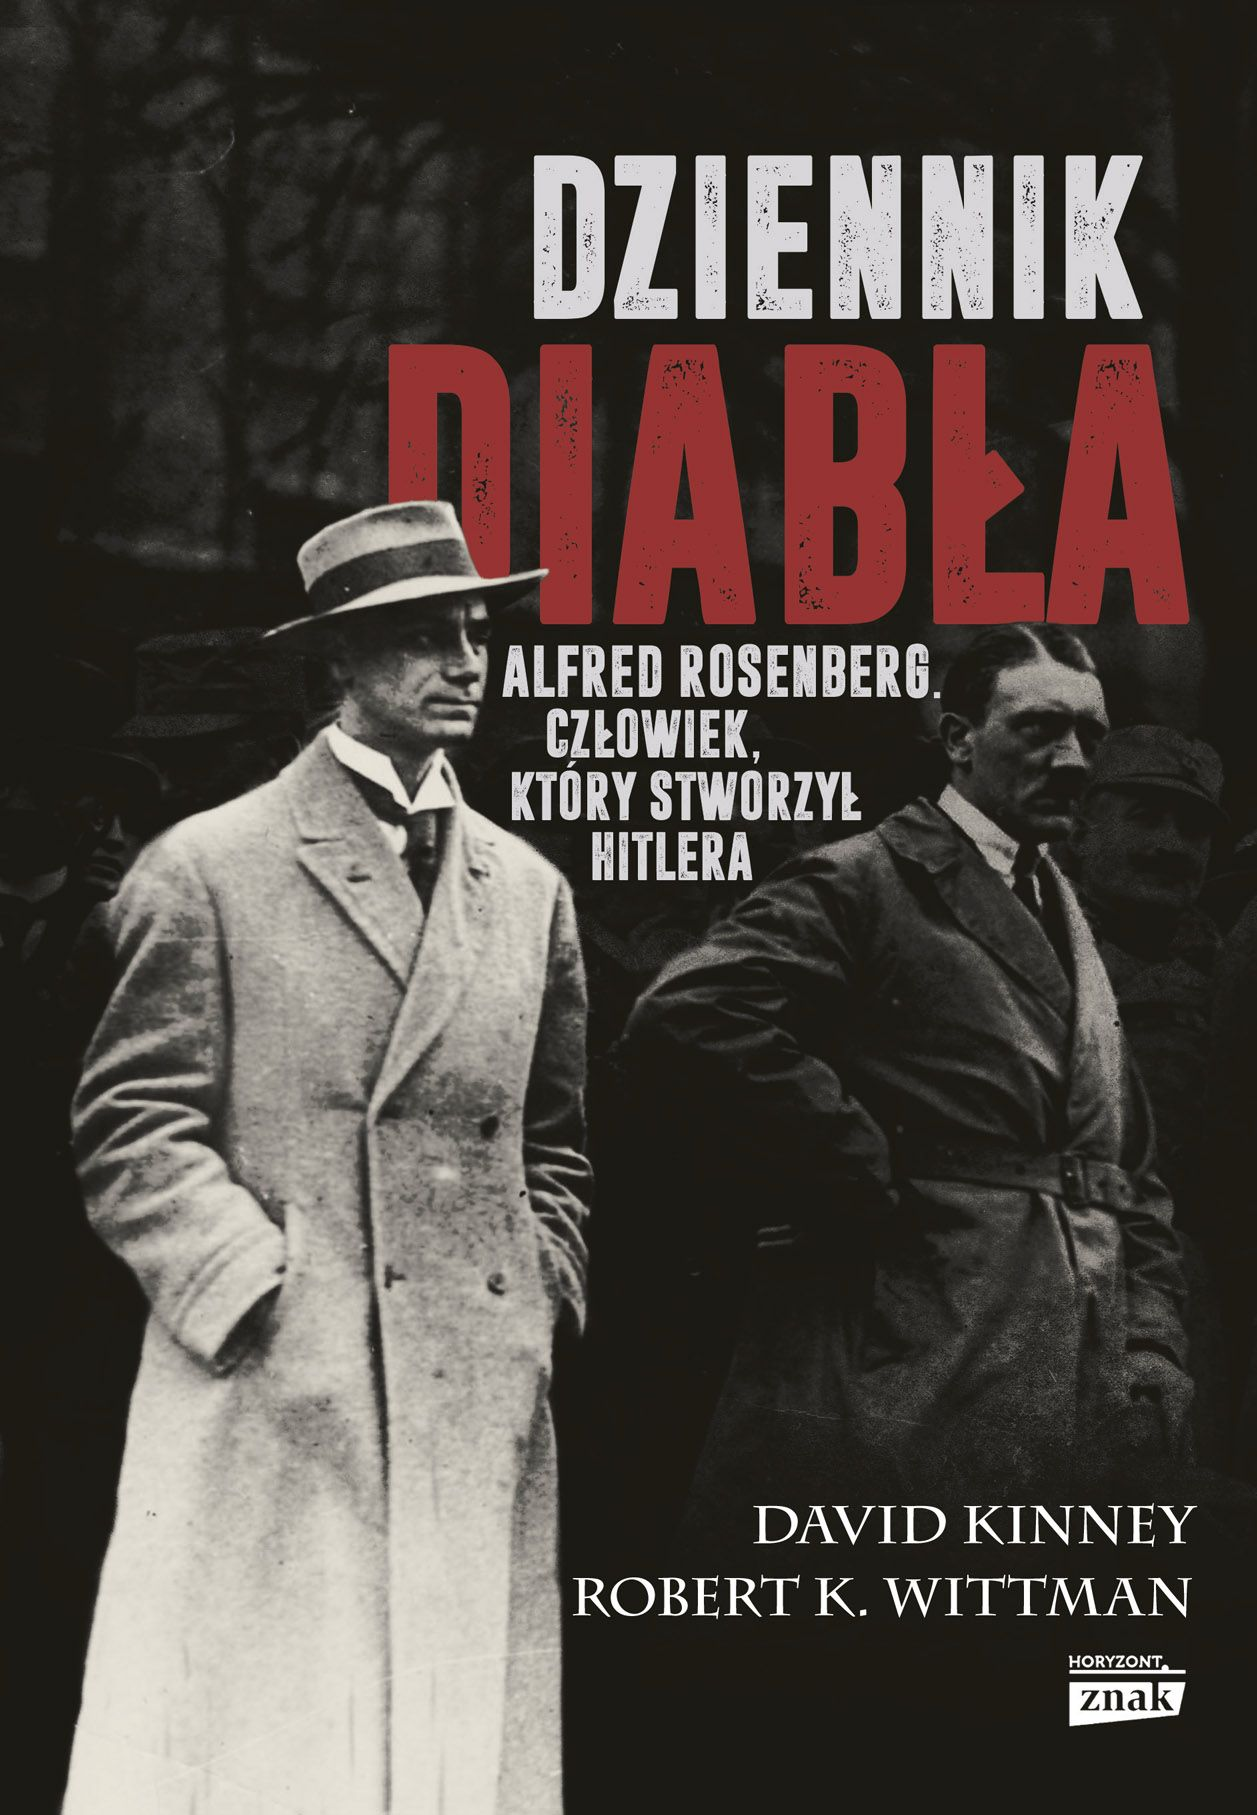 """Polecamy książkę Davida Kinney'a i Roberta K. Wittmana """"Dziennik diabła"""", wydaną nakładem wydawnictwa Znak Horyzont."""